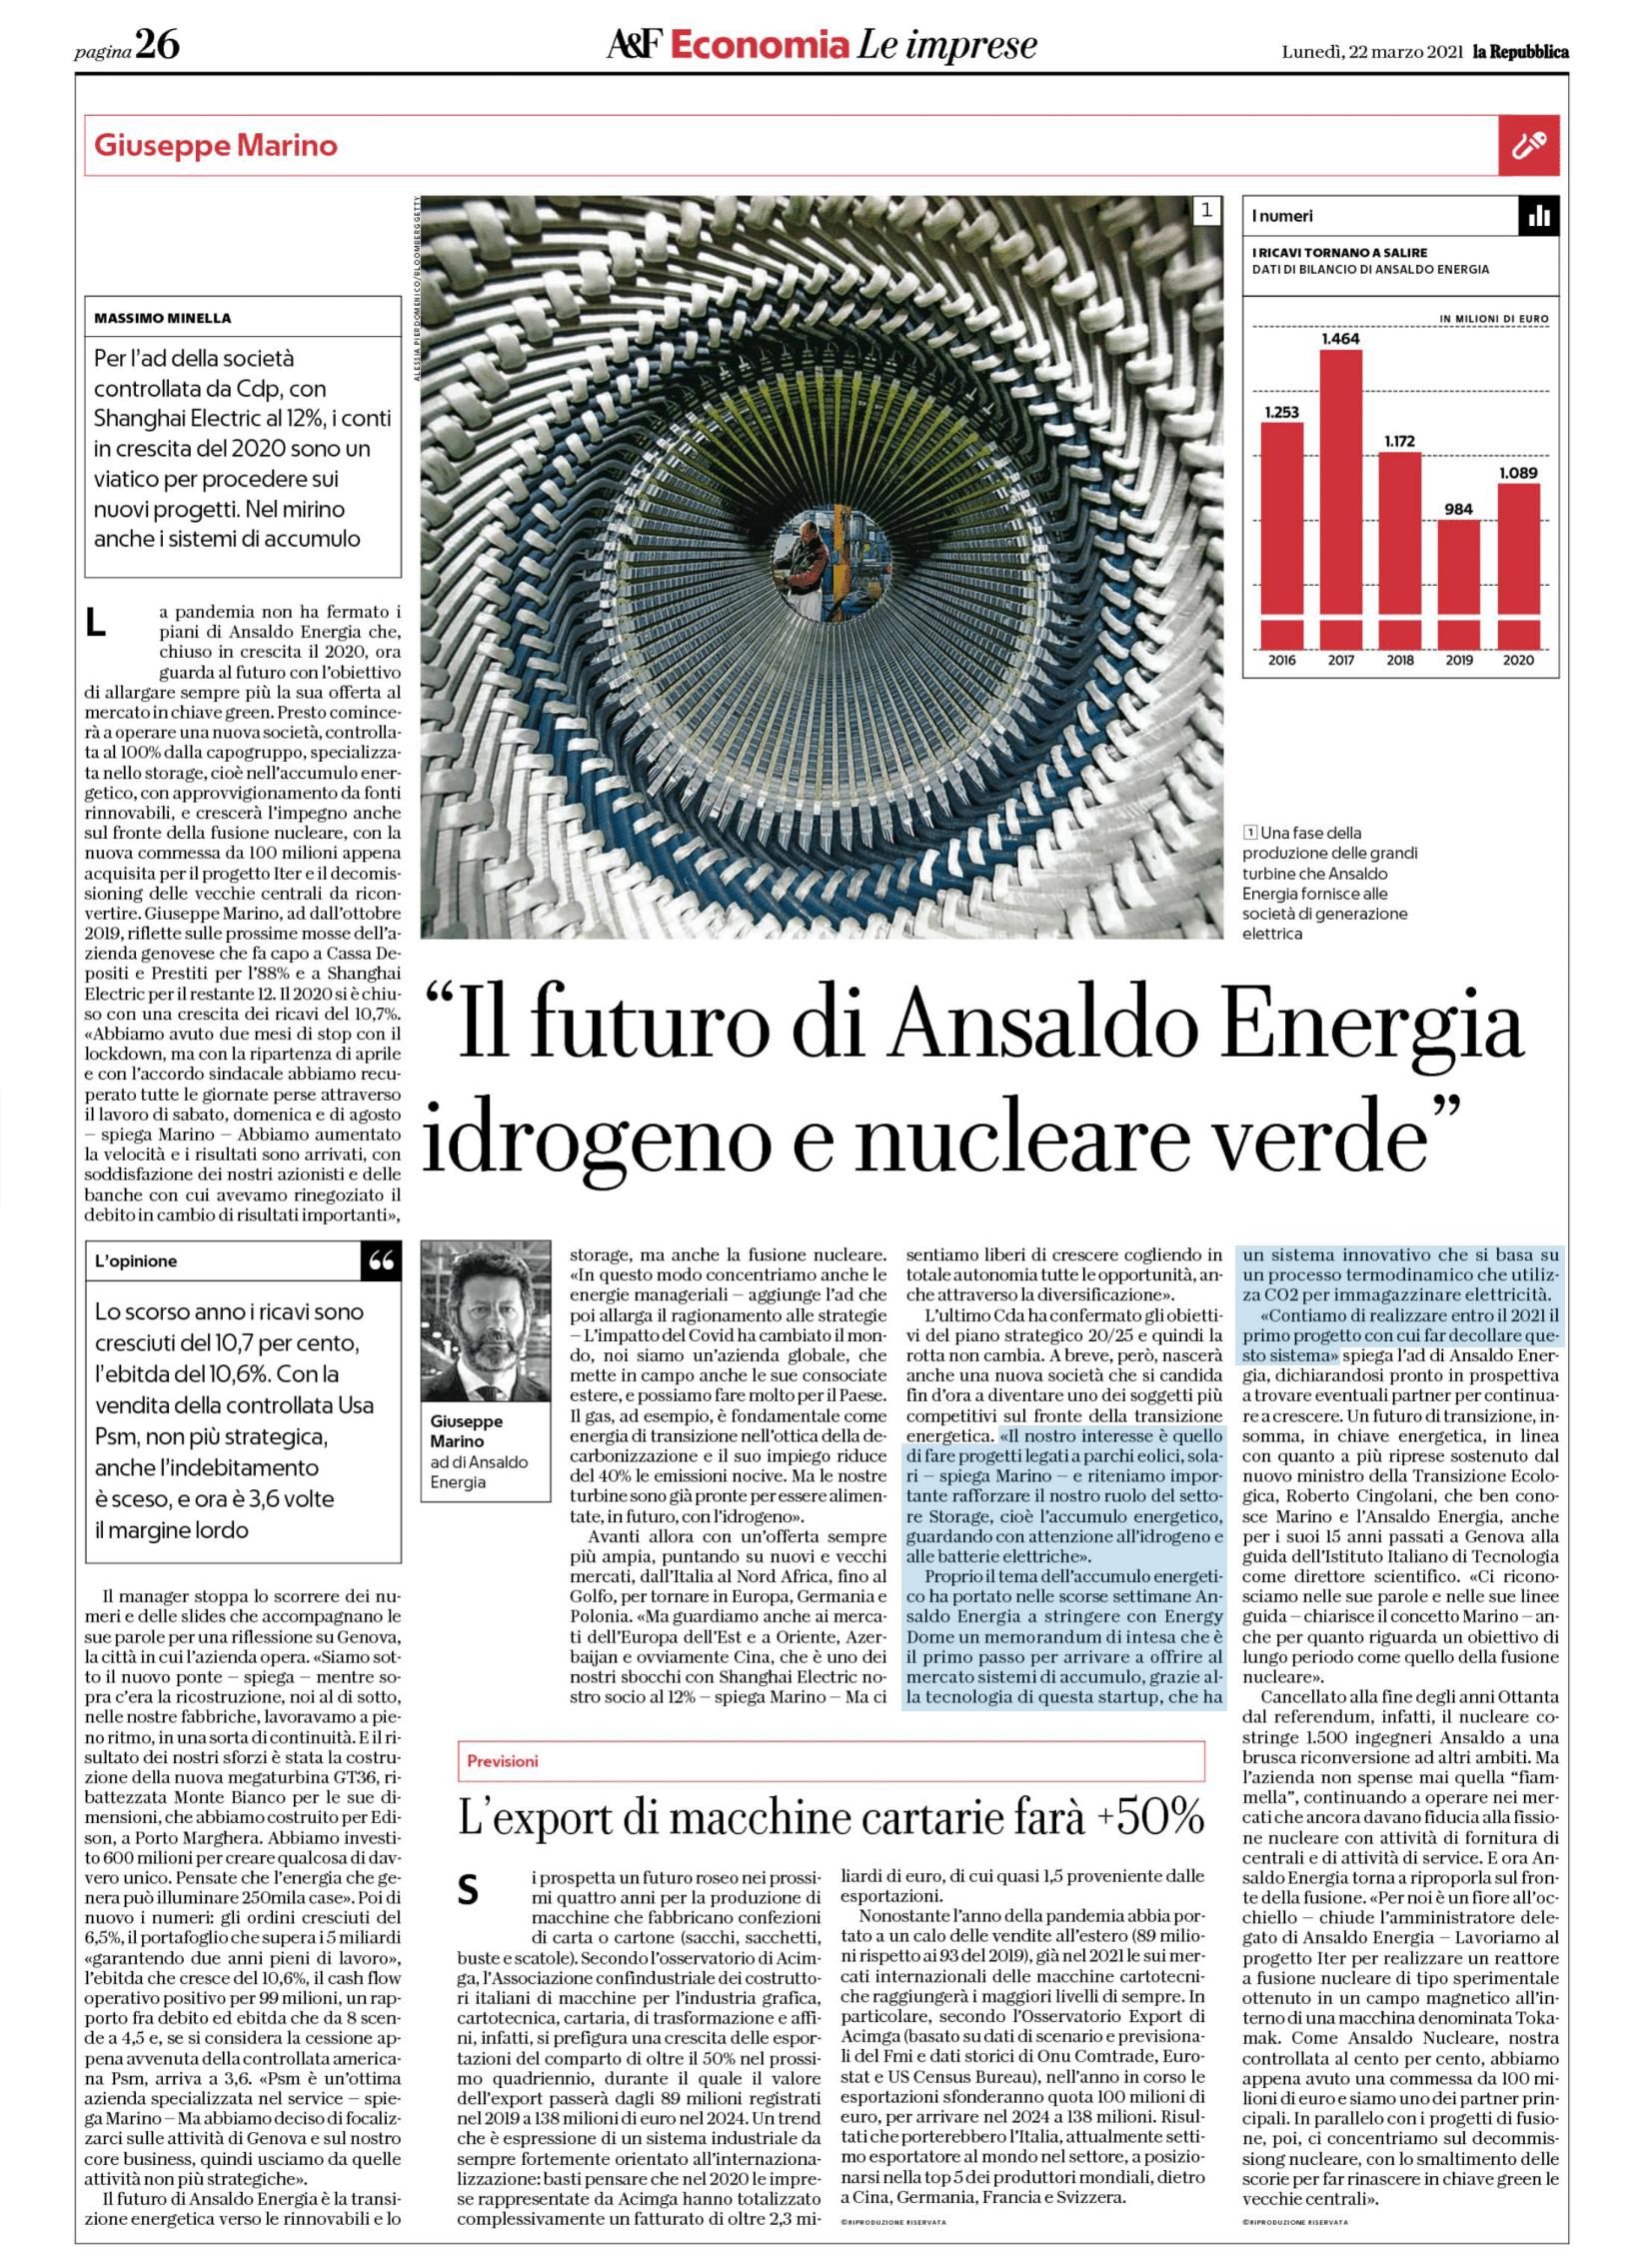 la-repubblica-ansaldo-e-energy-dome